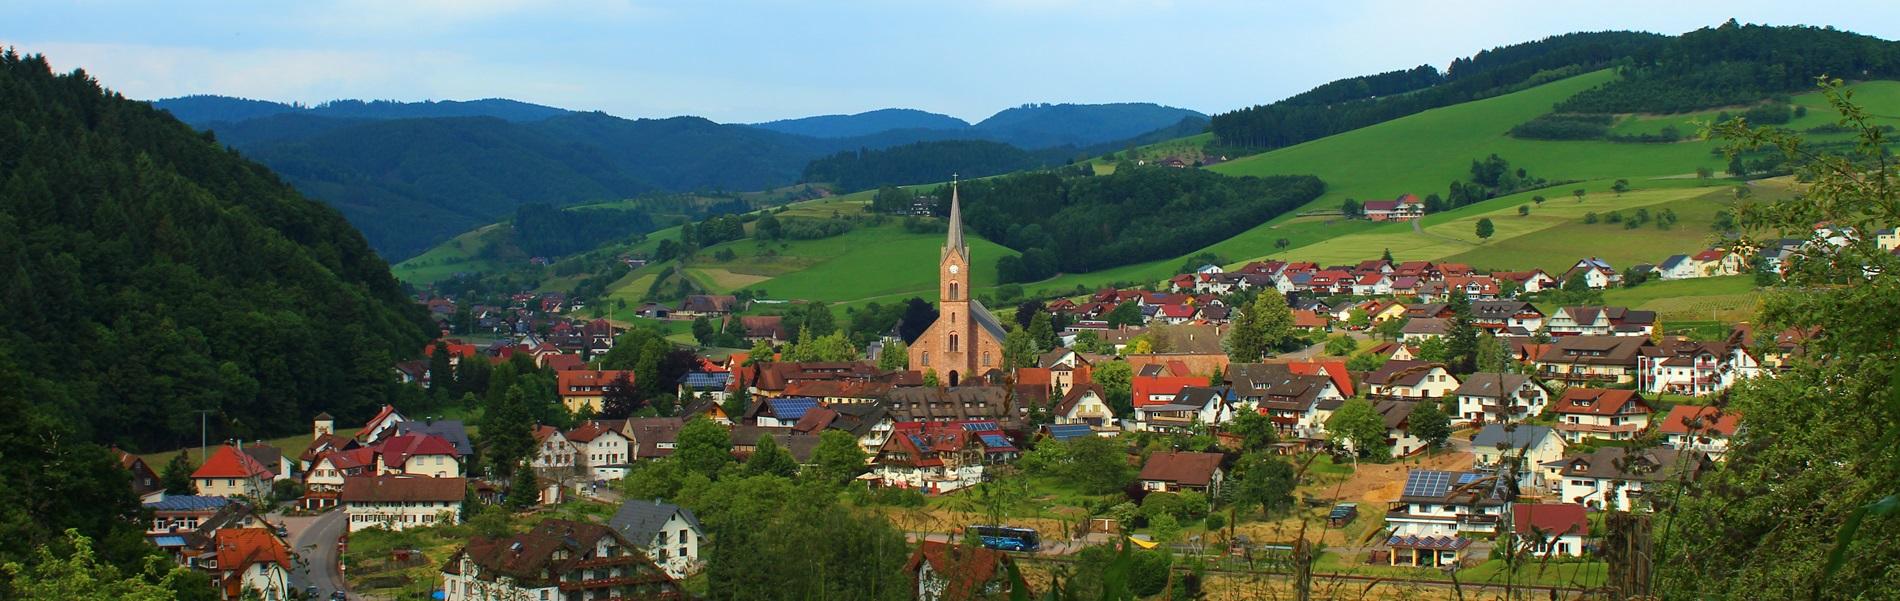 Oberharmersbach Ansicht Dorf